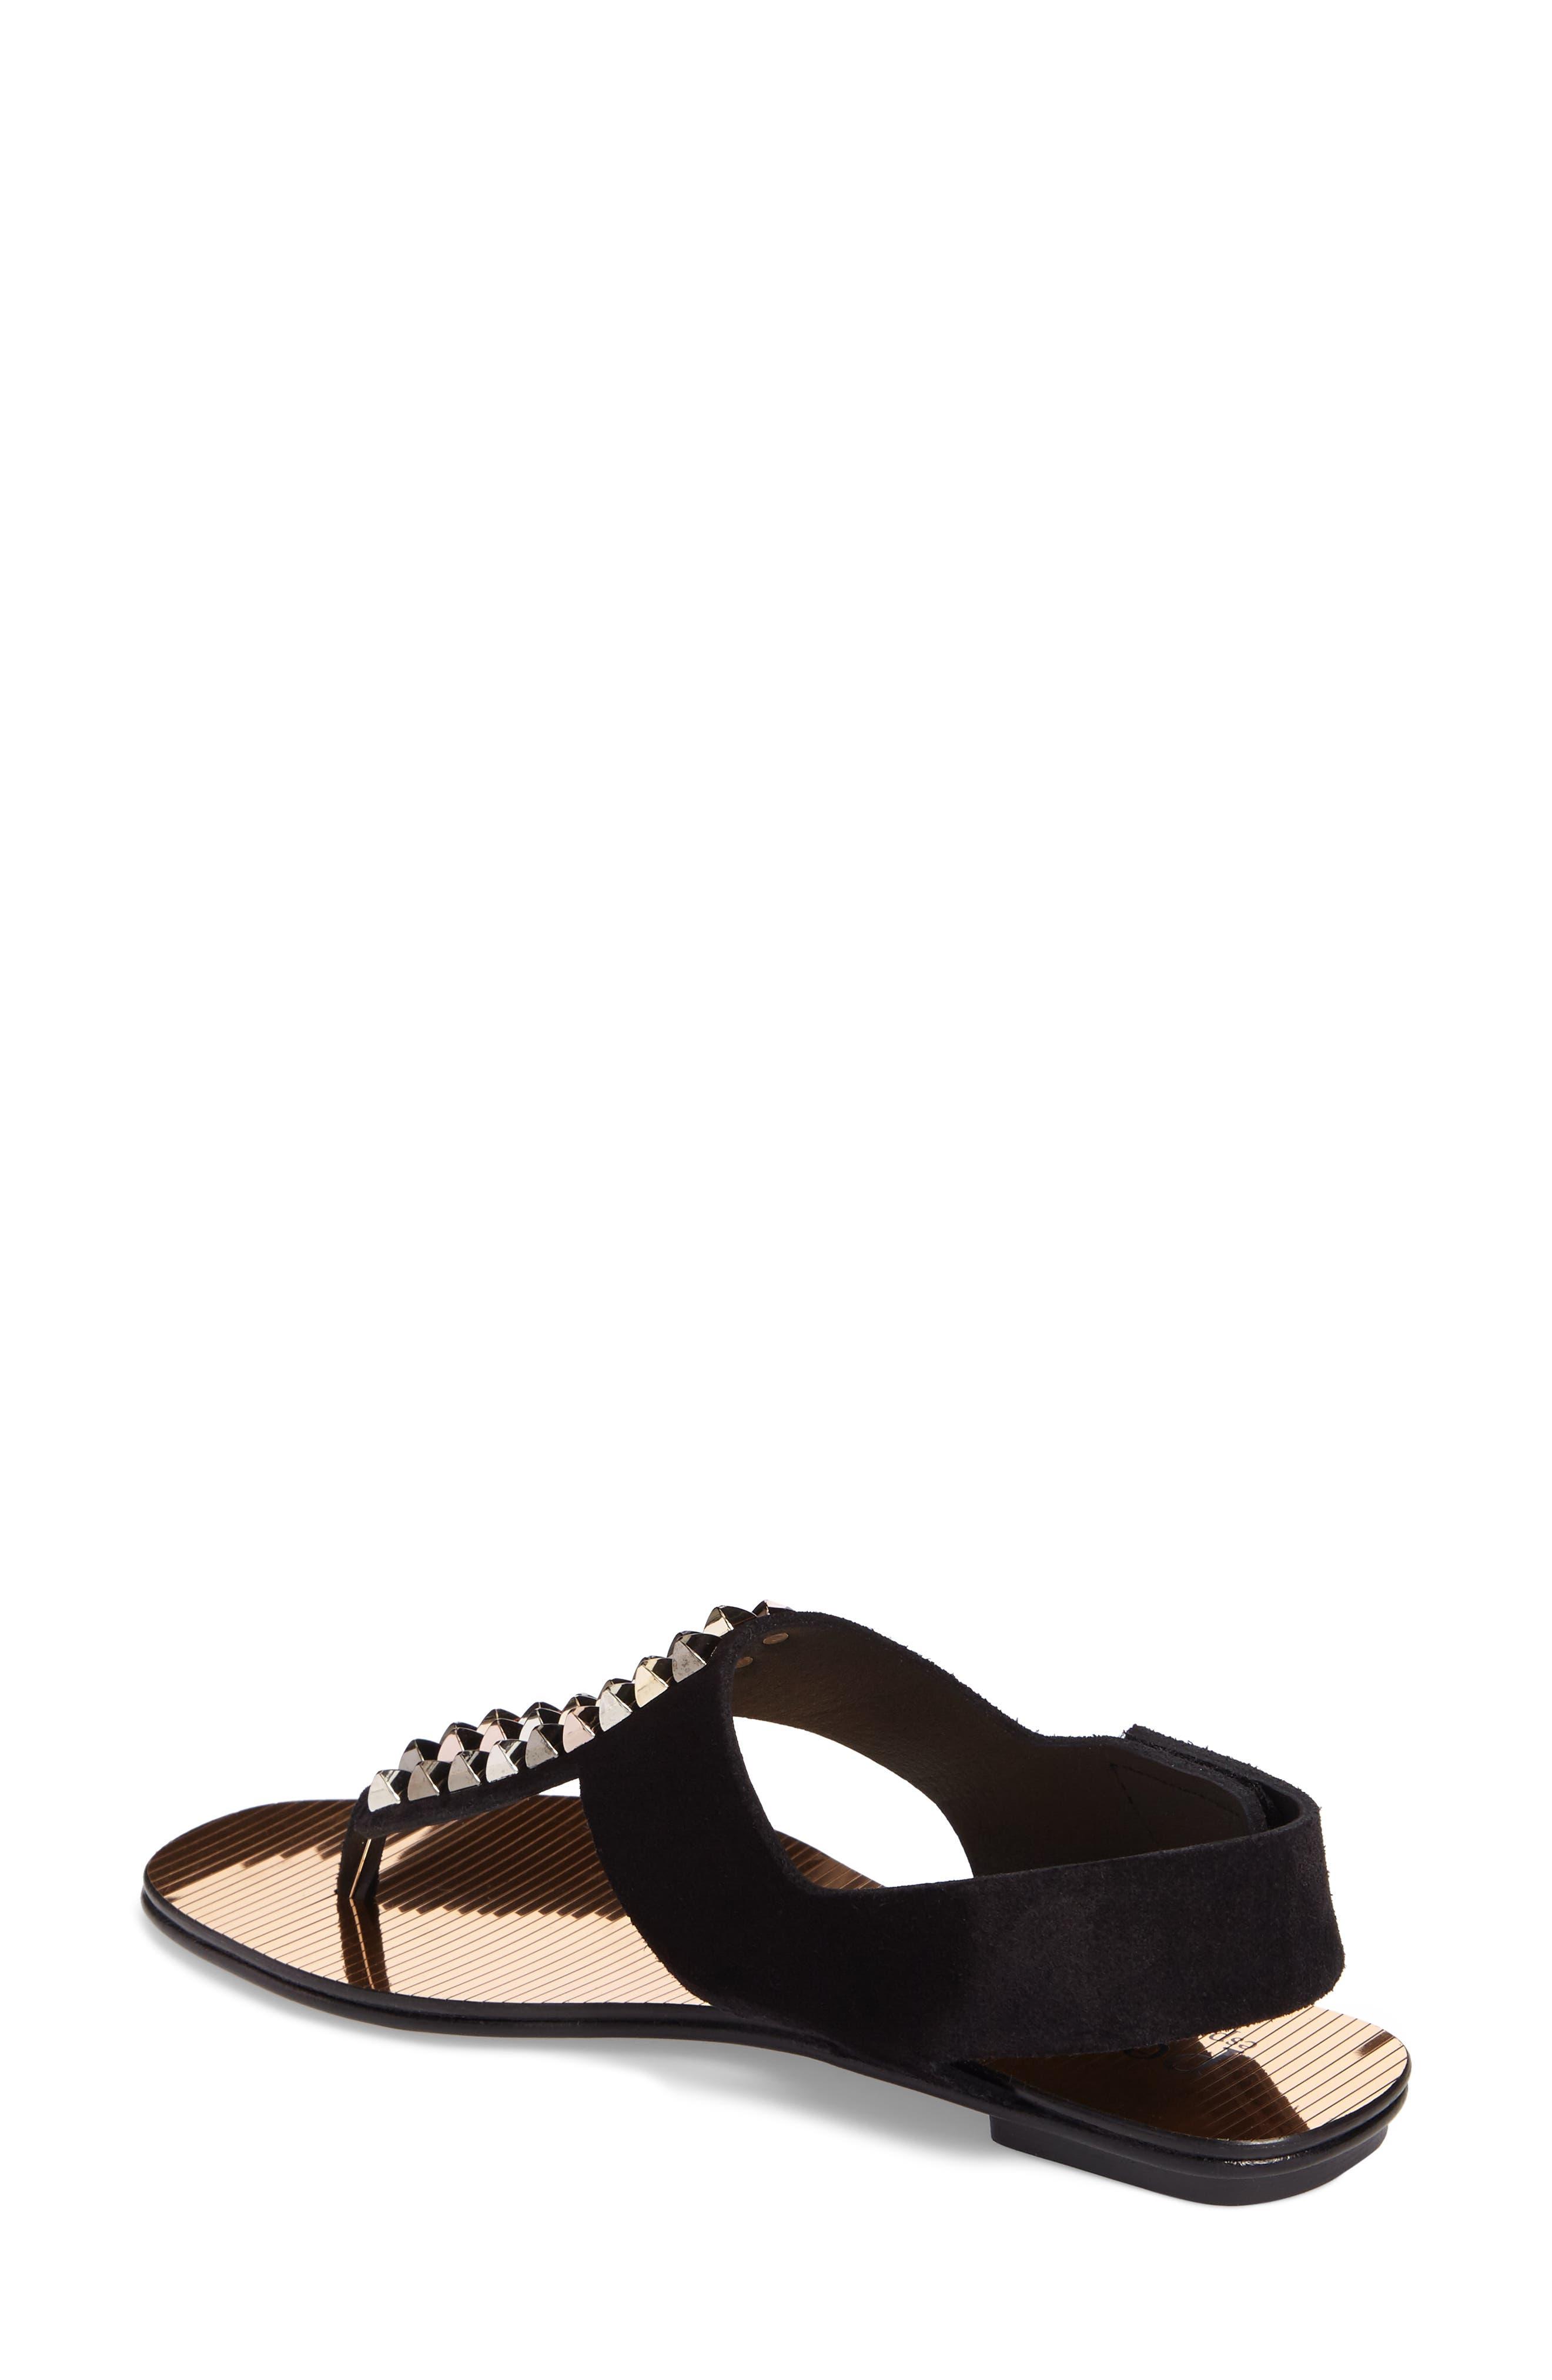 Alternate Image 2  - Pedro Garcia Enid Studded T-Strap Sandal (Women)